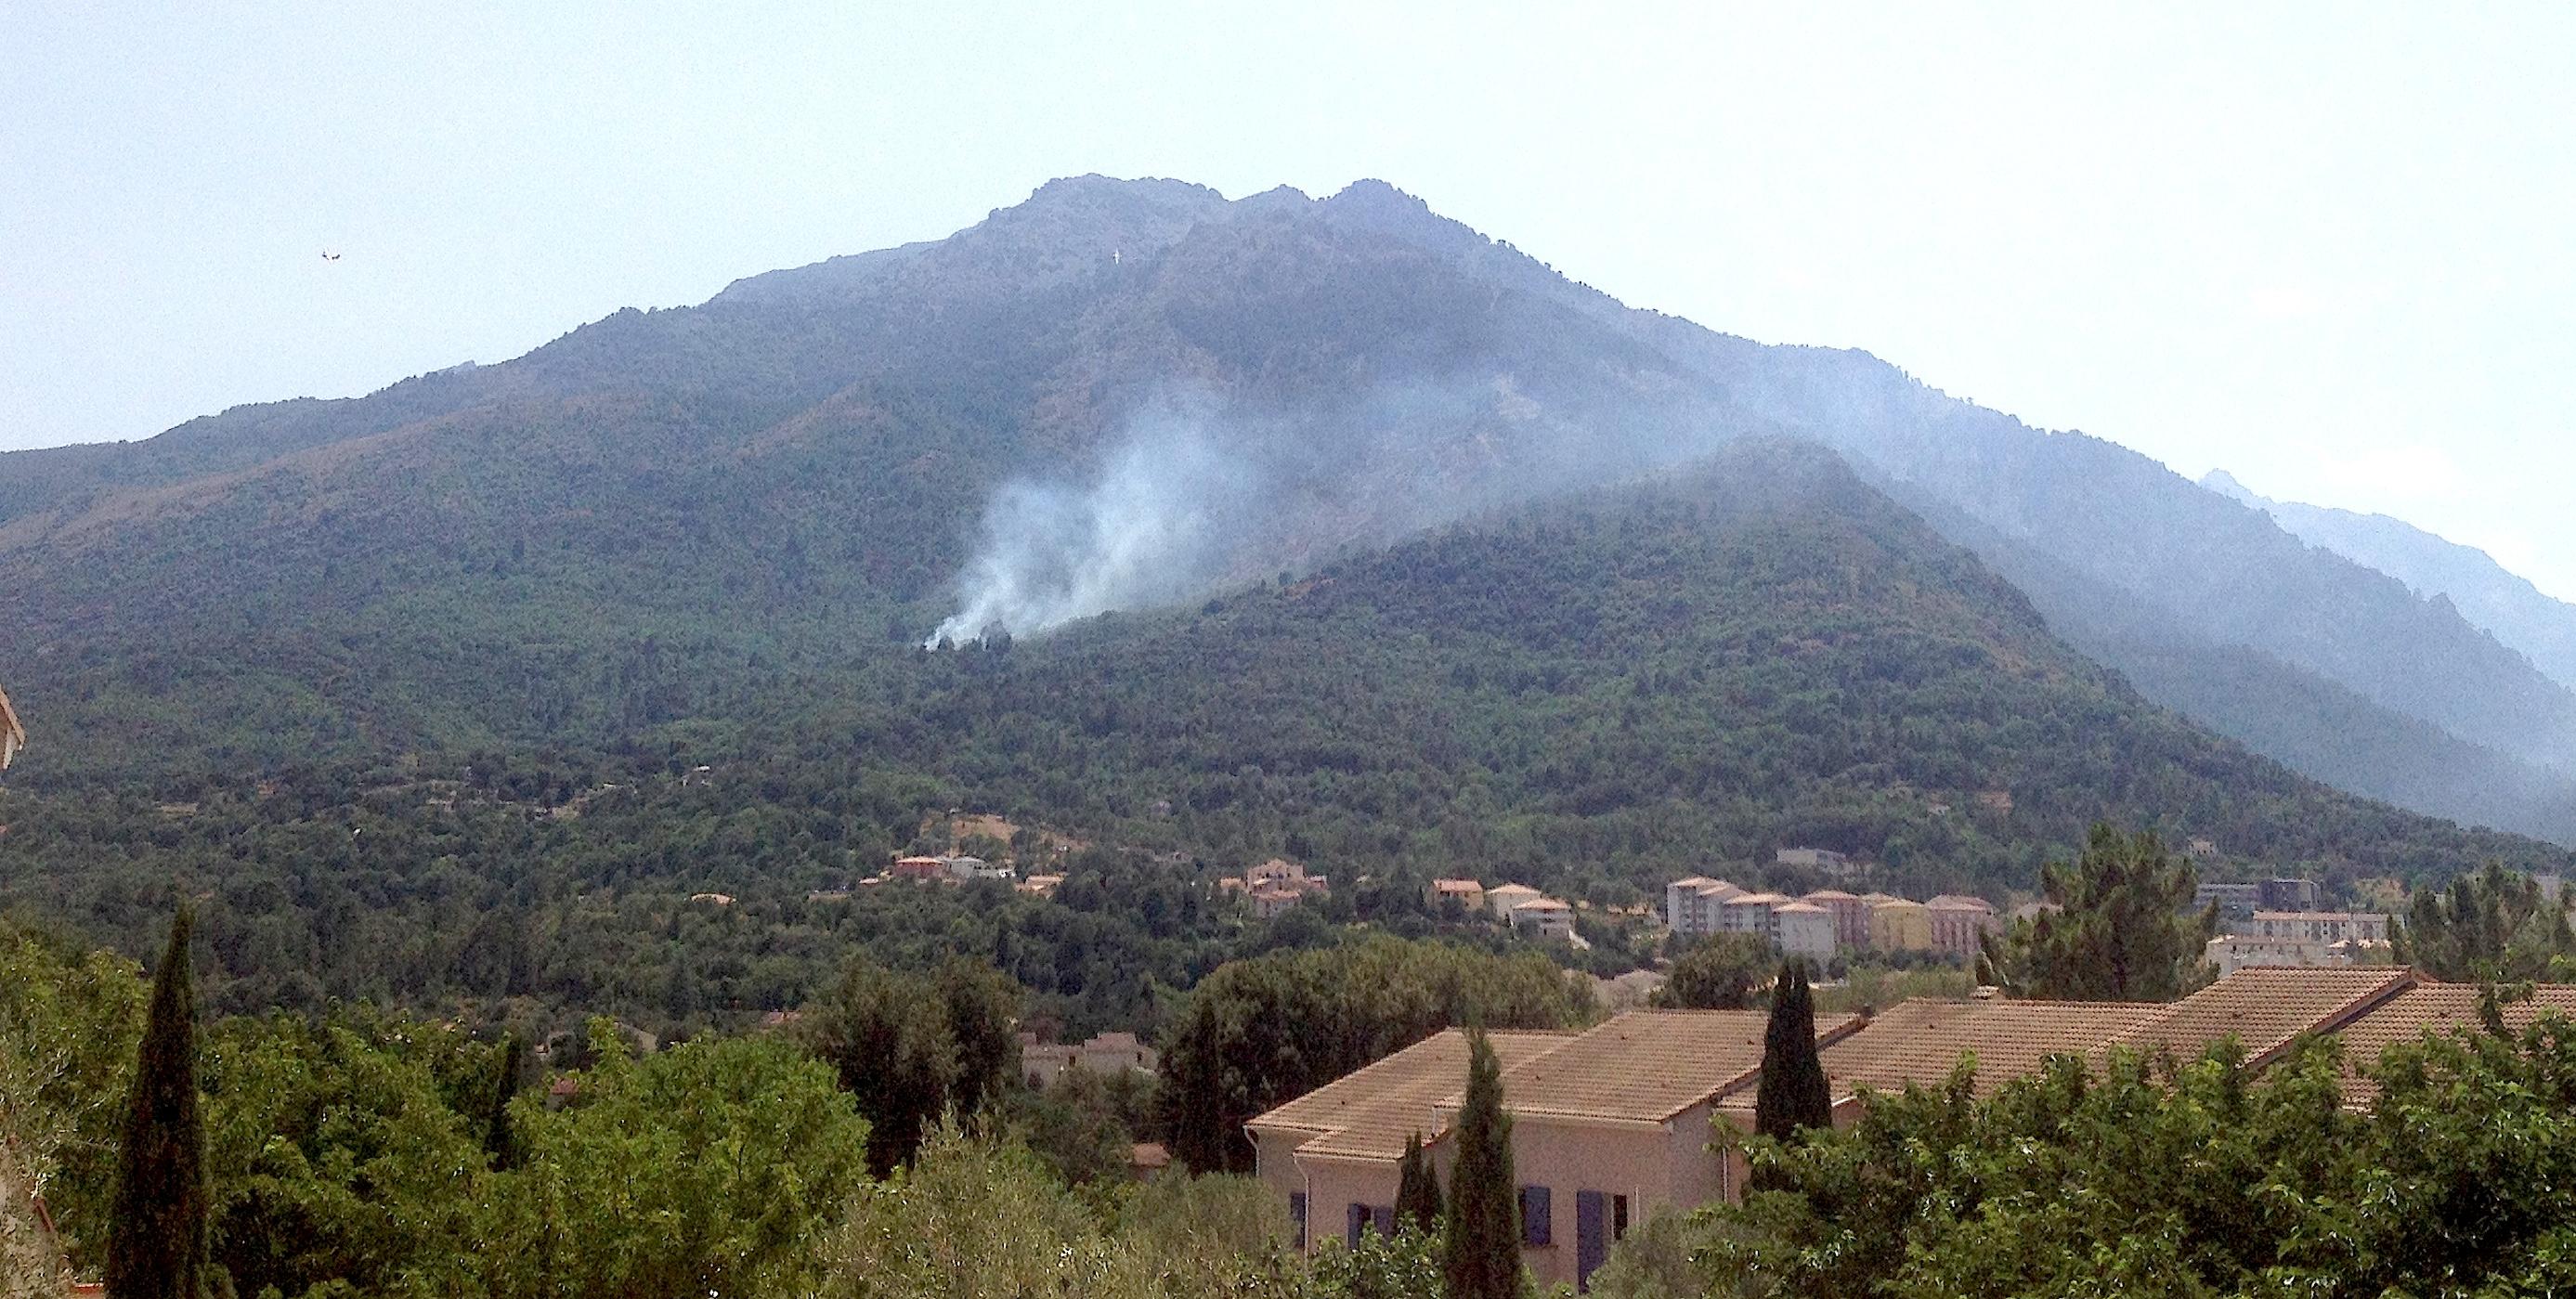 Le feu a éclaté vers 14h30. (Photo M.-A. M)